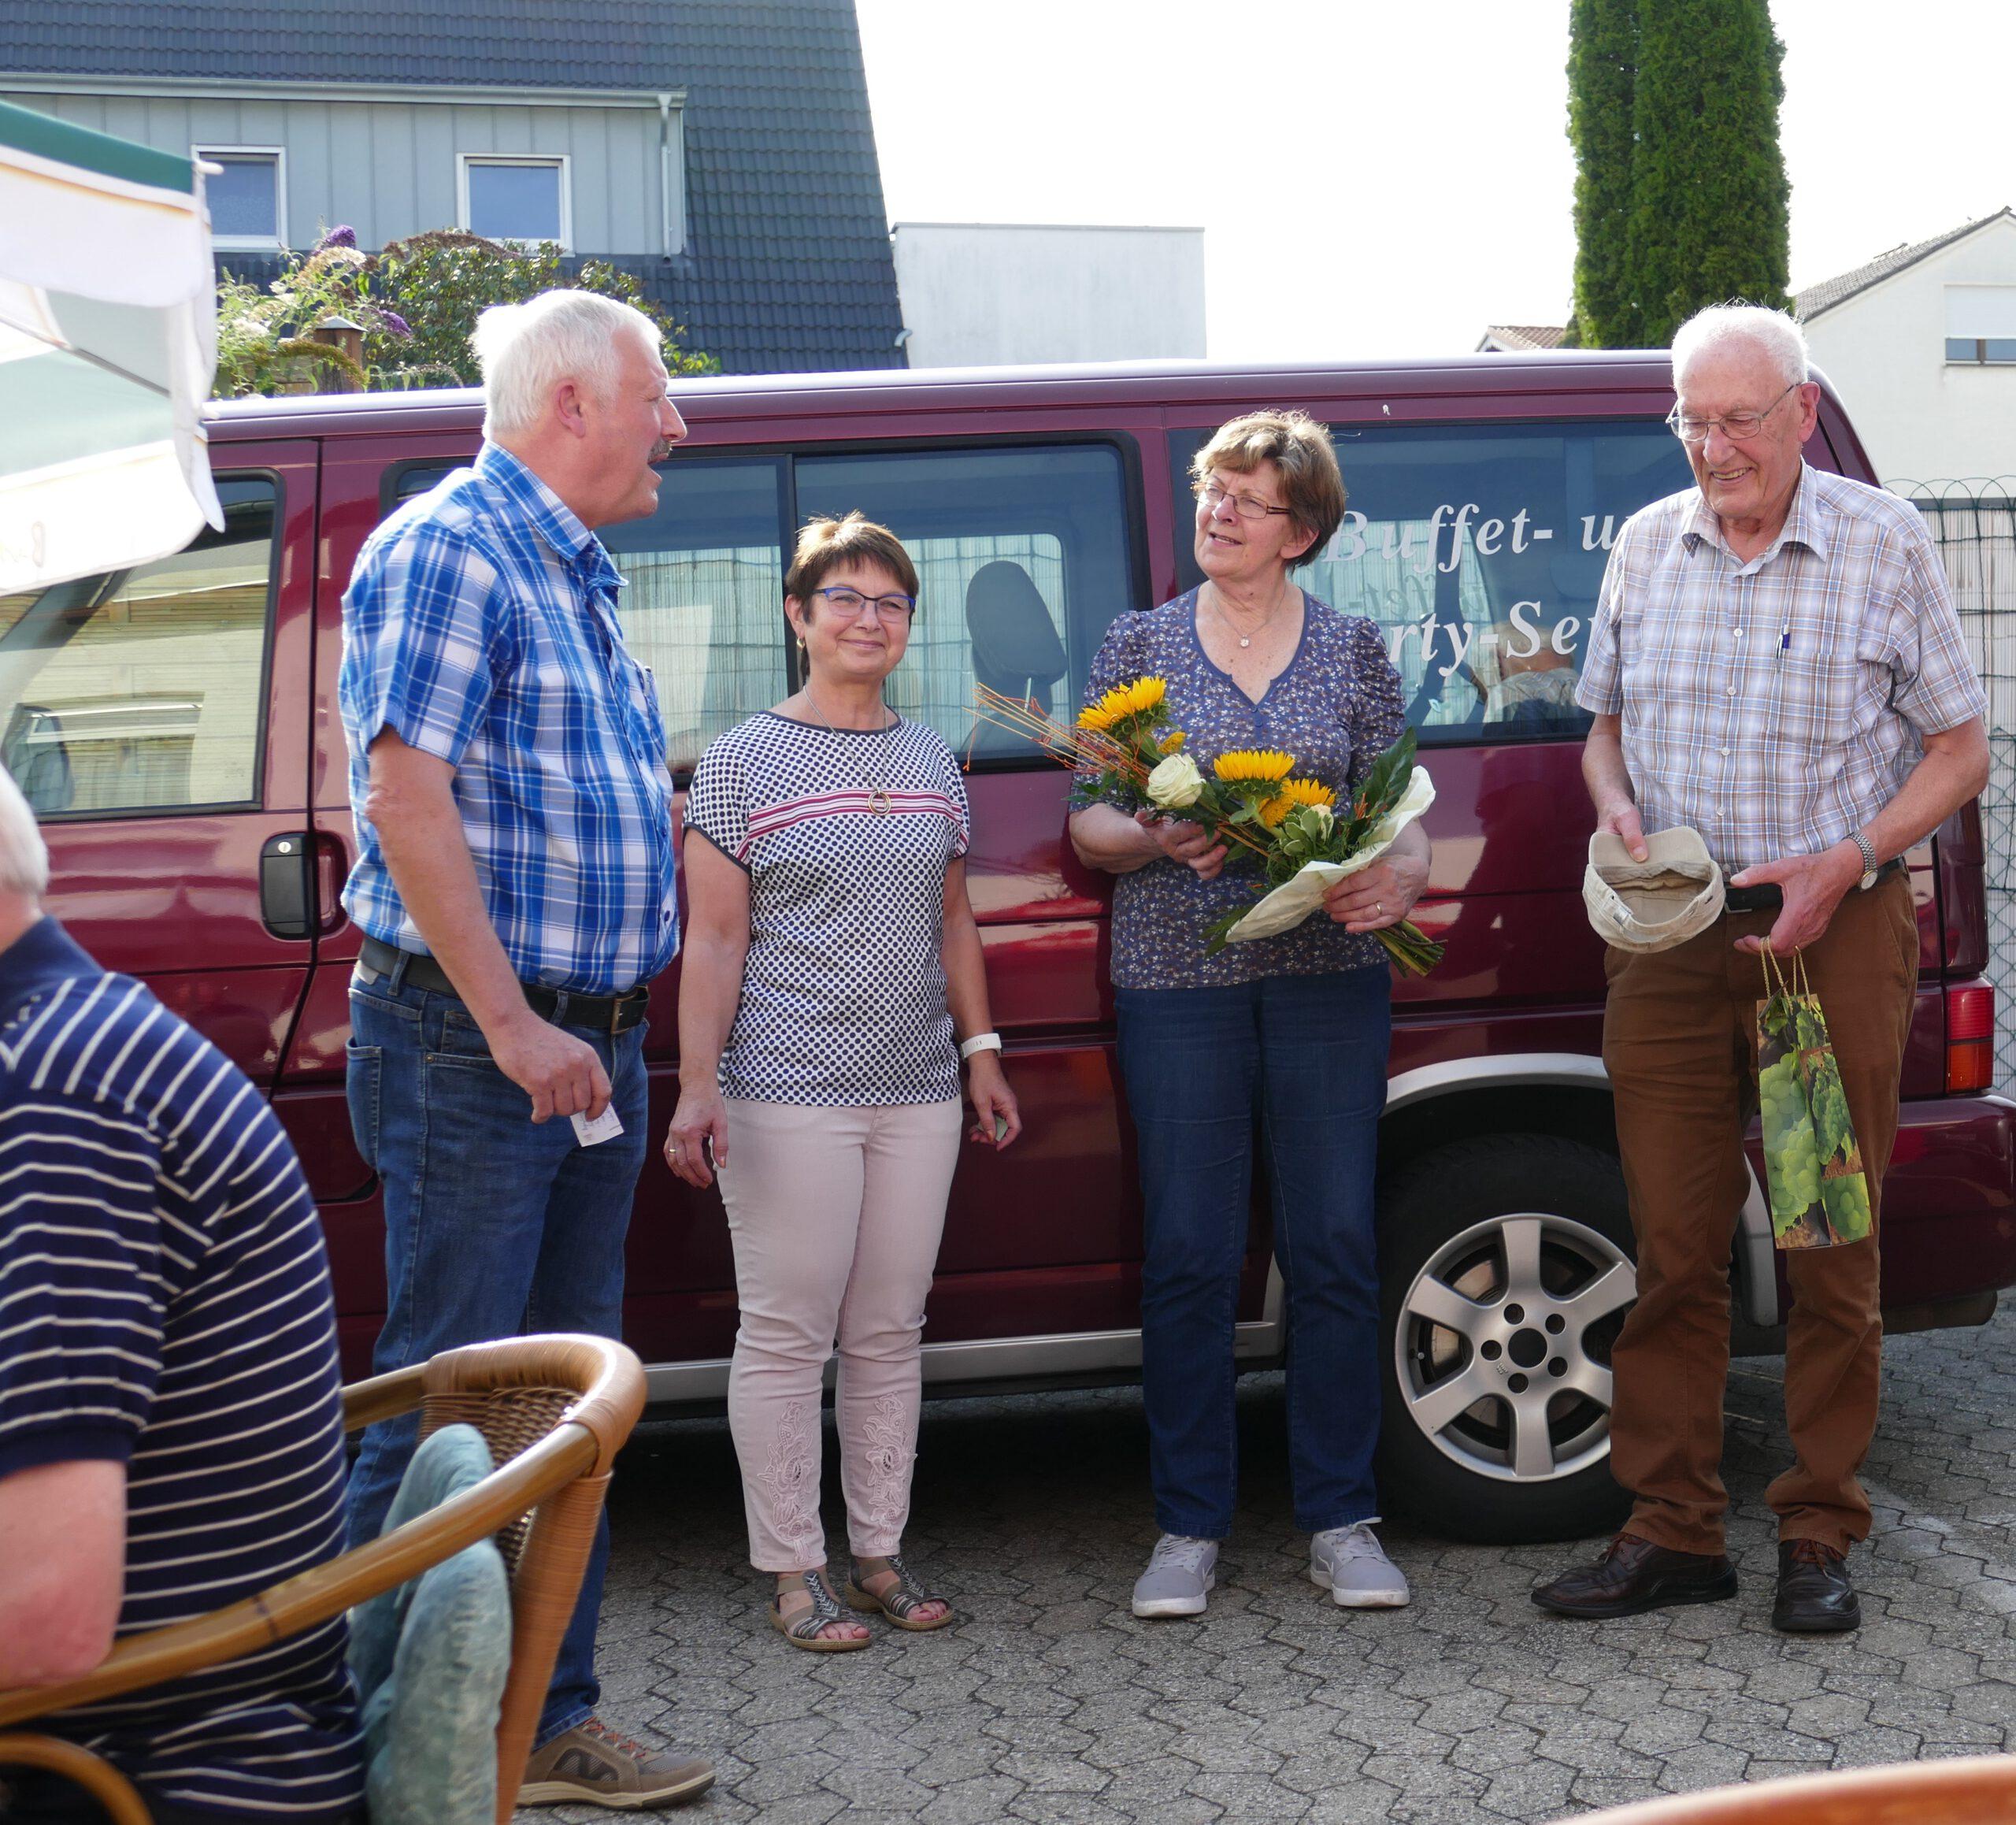 KERH Kreis Ahrweiler feiert runden Geburtstag ihres Ehrenvorsitzenden